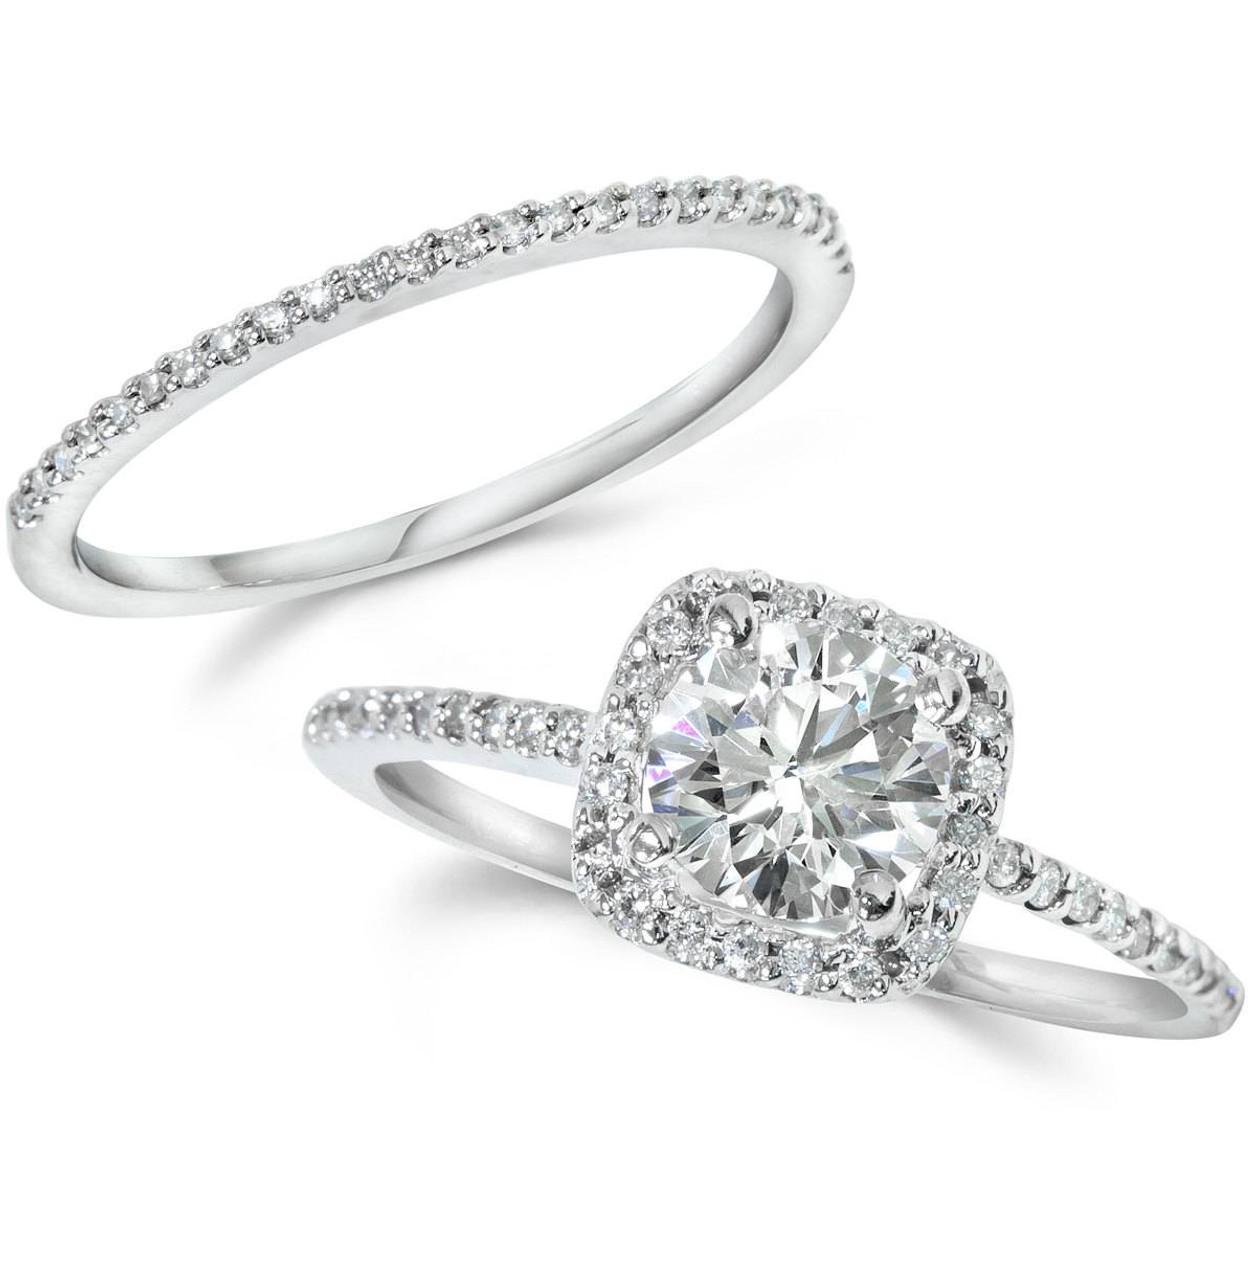 Wedding Ring Sets.1ct Diamond Engagement Ring Cushion Halo Wedding Ring Set 14k White Gold H I I1